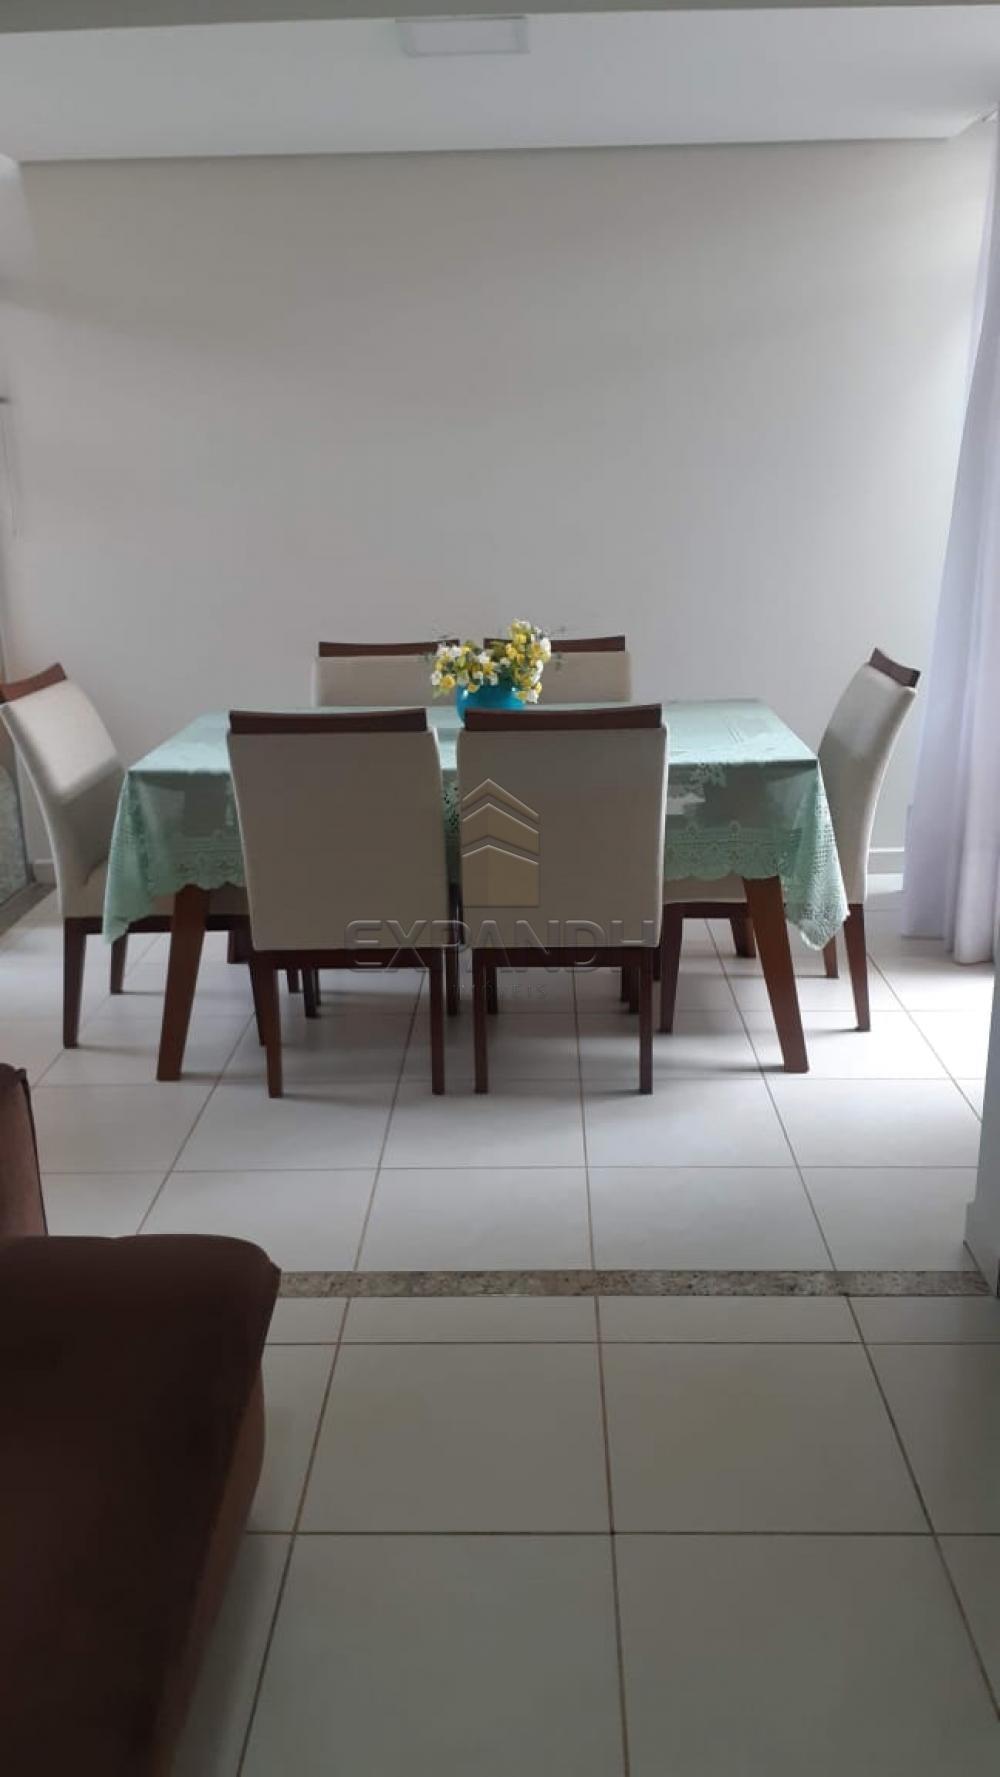 Comprar Apartamentos / Padrão em Sertãozinho apenas R$ 250.000,00 - Foto 6